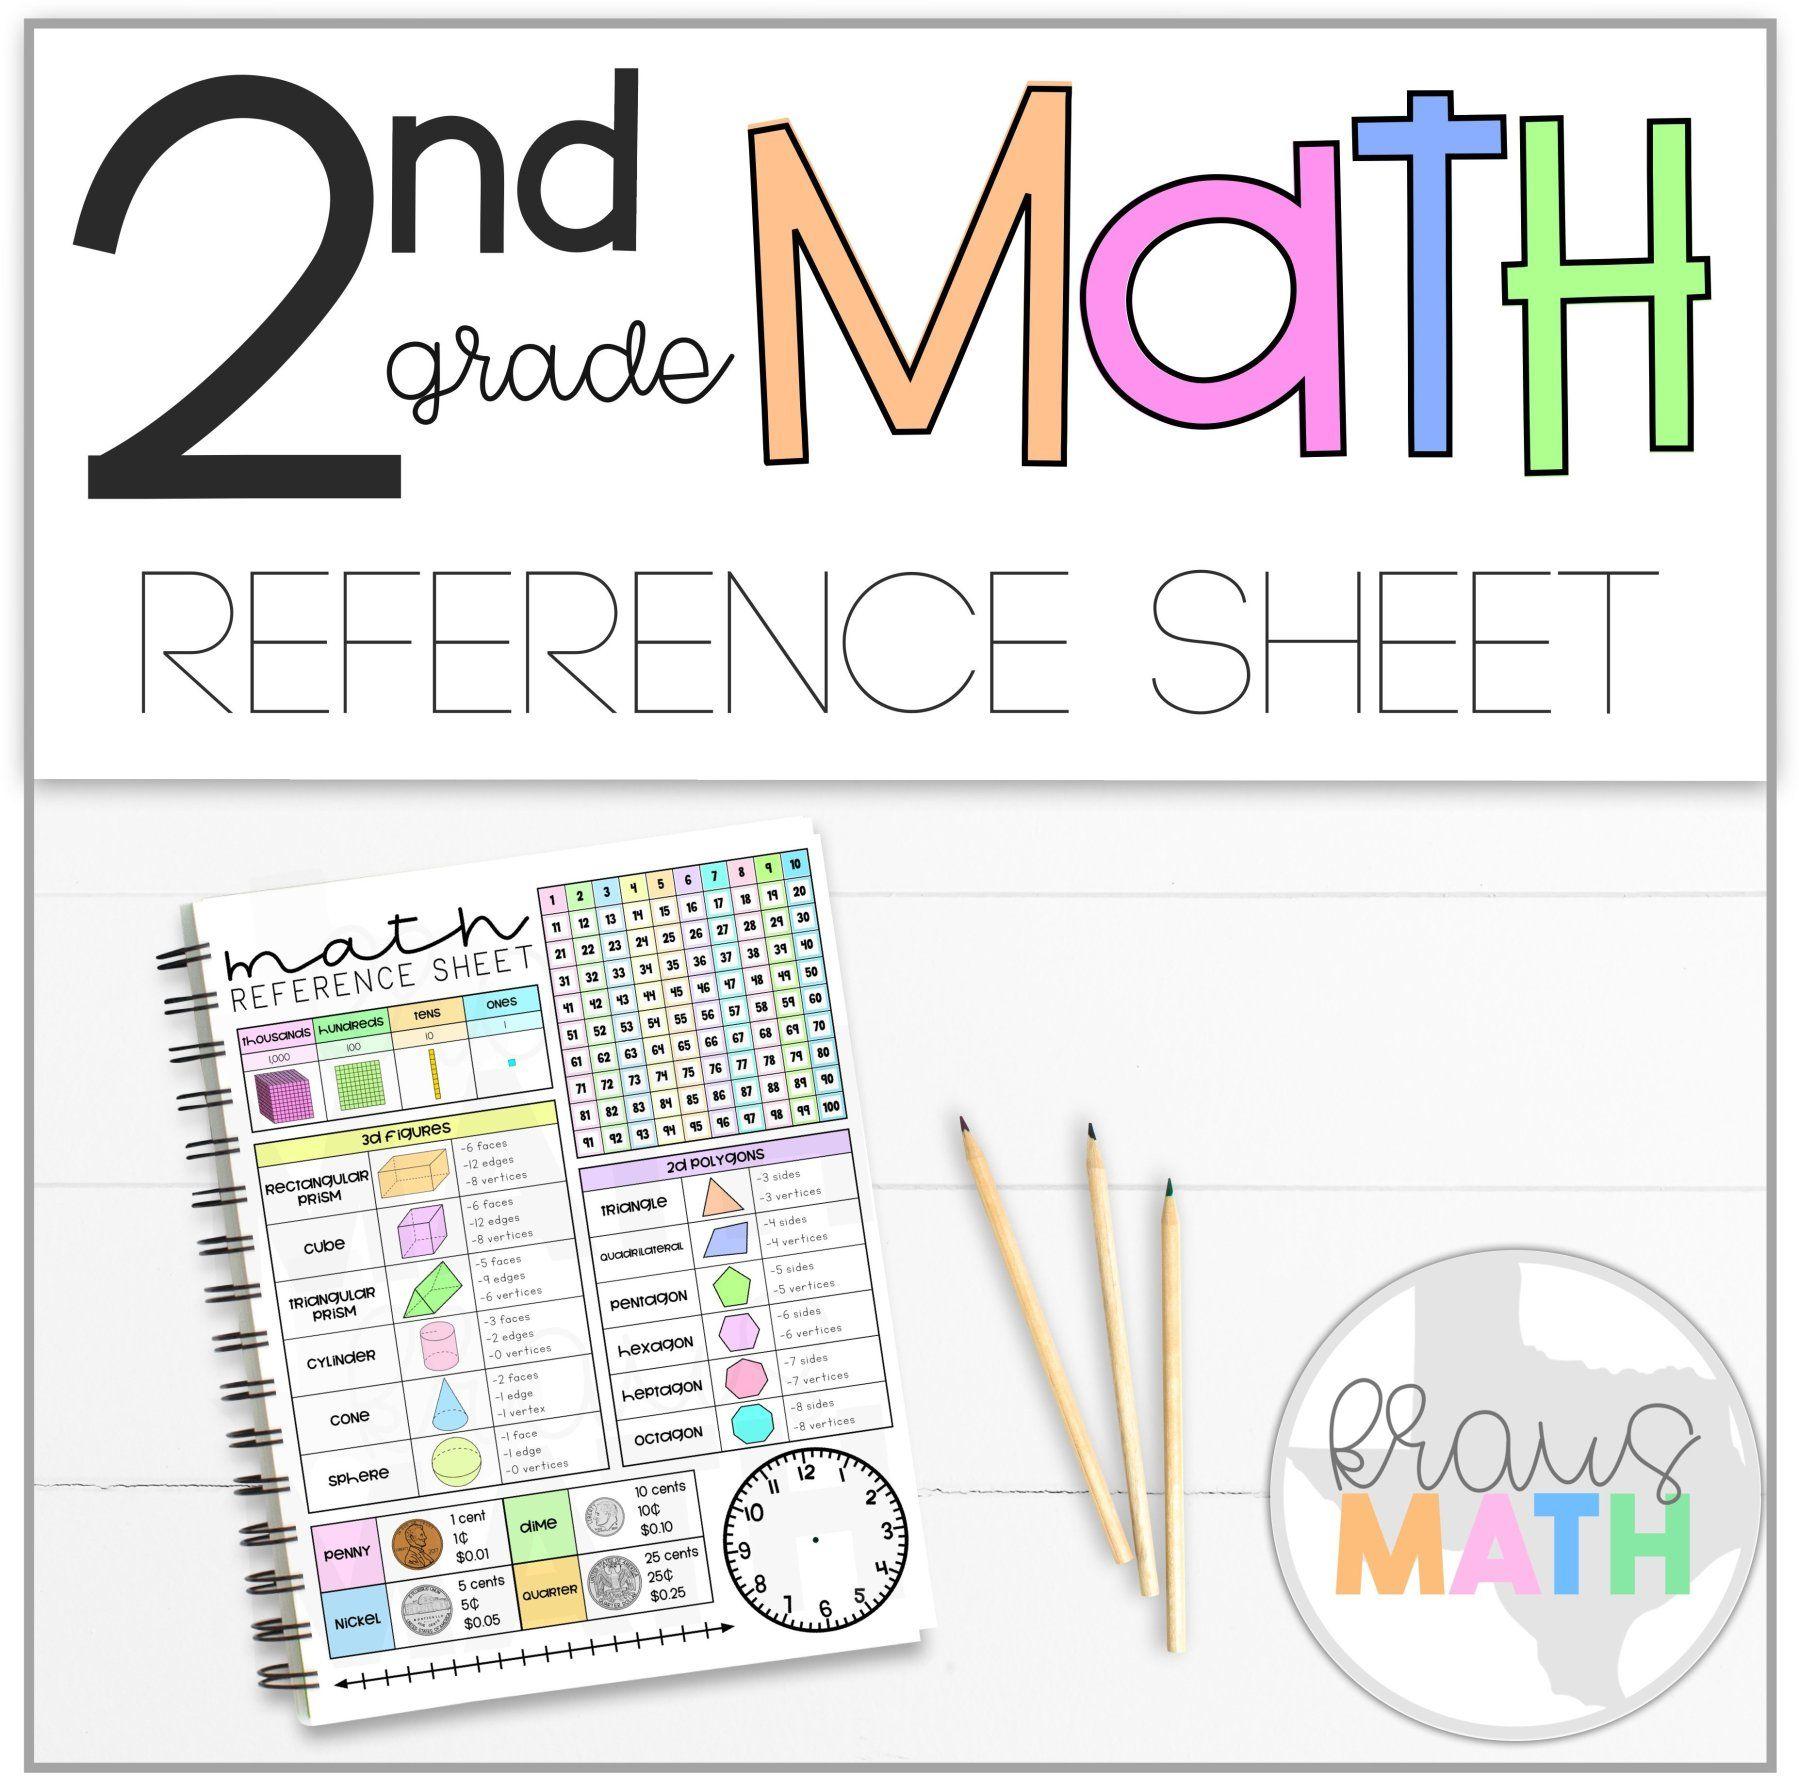 2nd Grade Math Reference Sheet